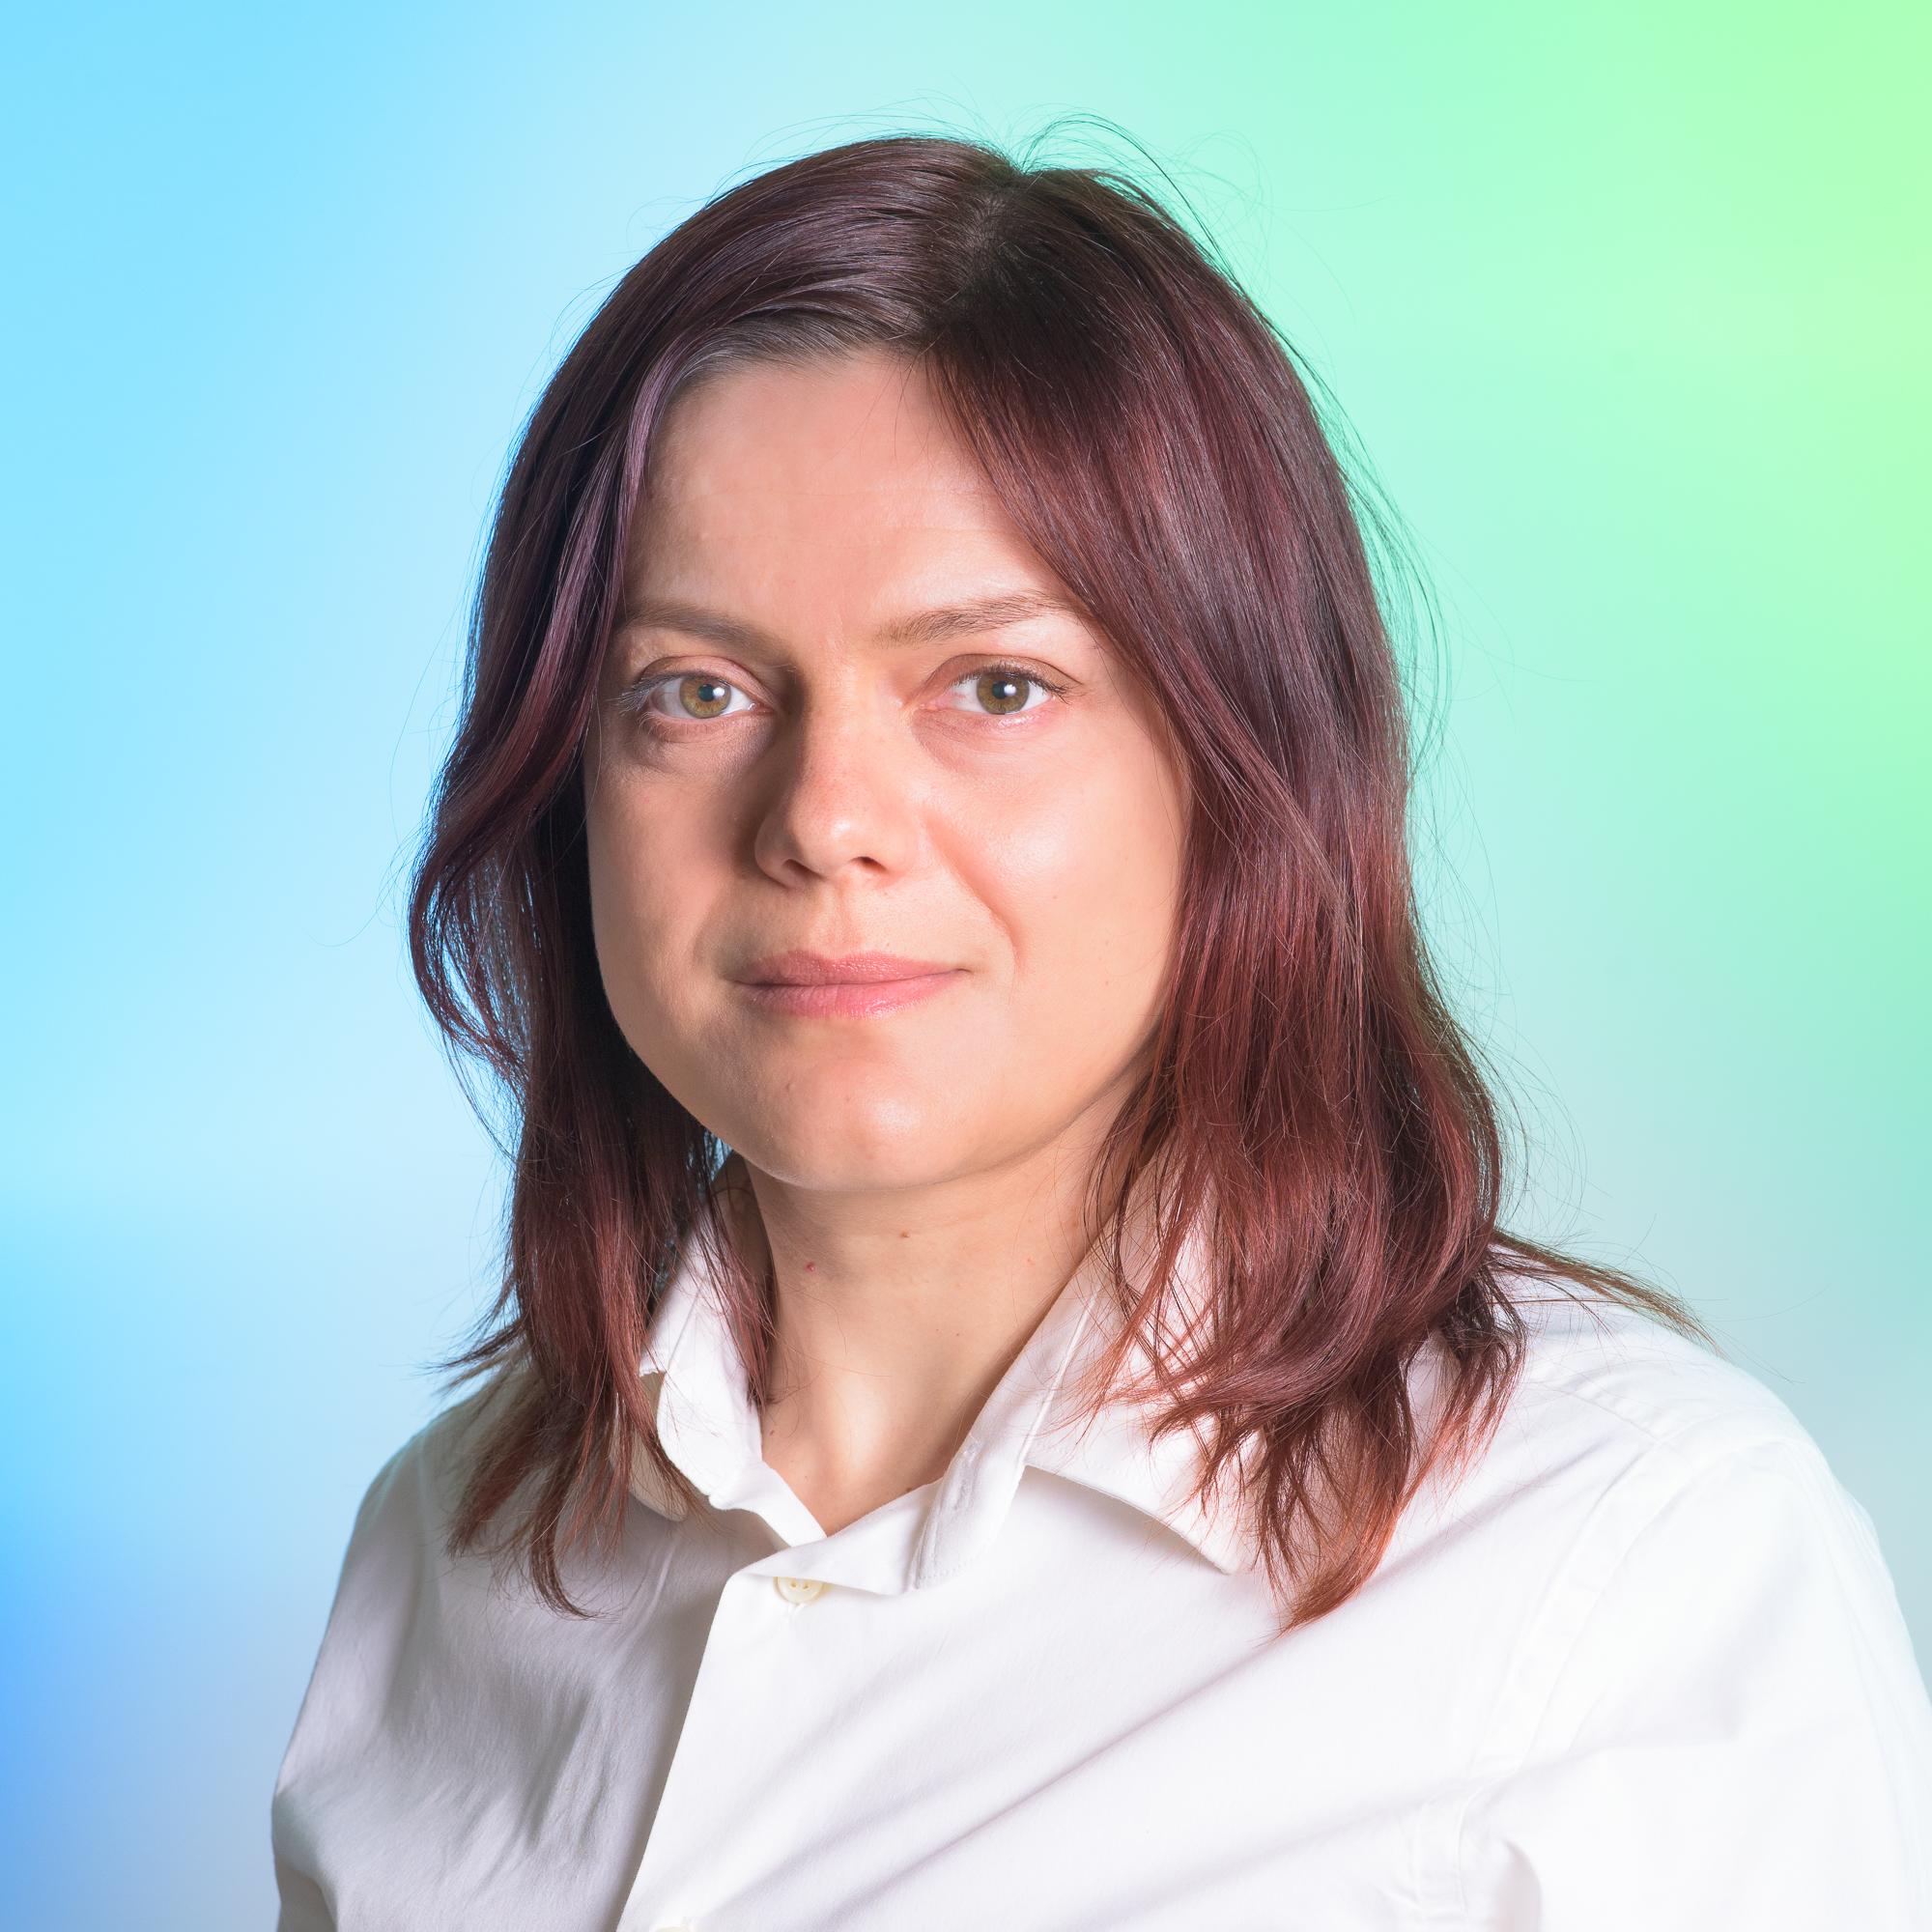 Tzvetelina Mechkarova